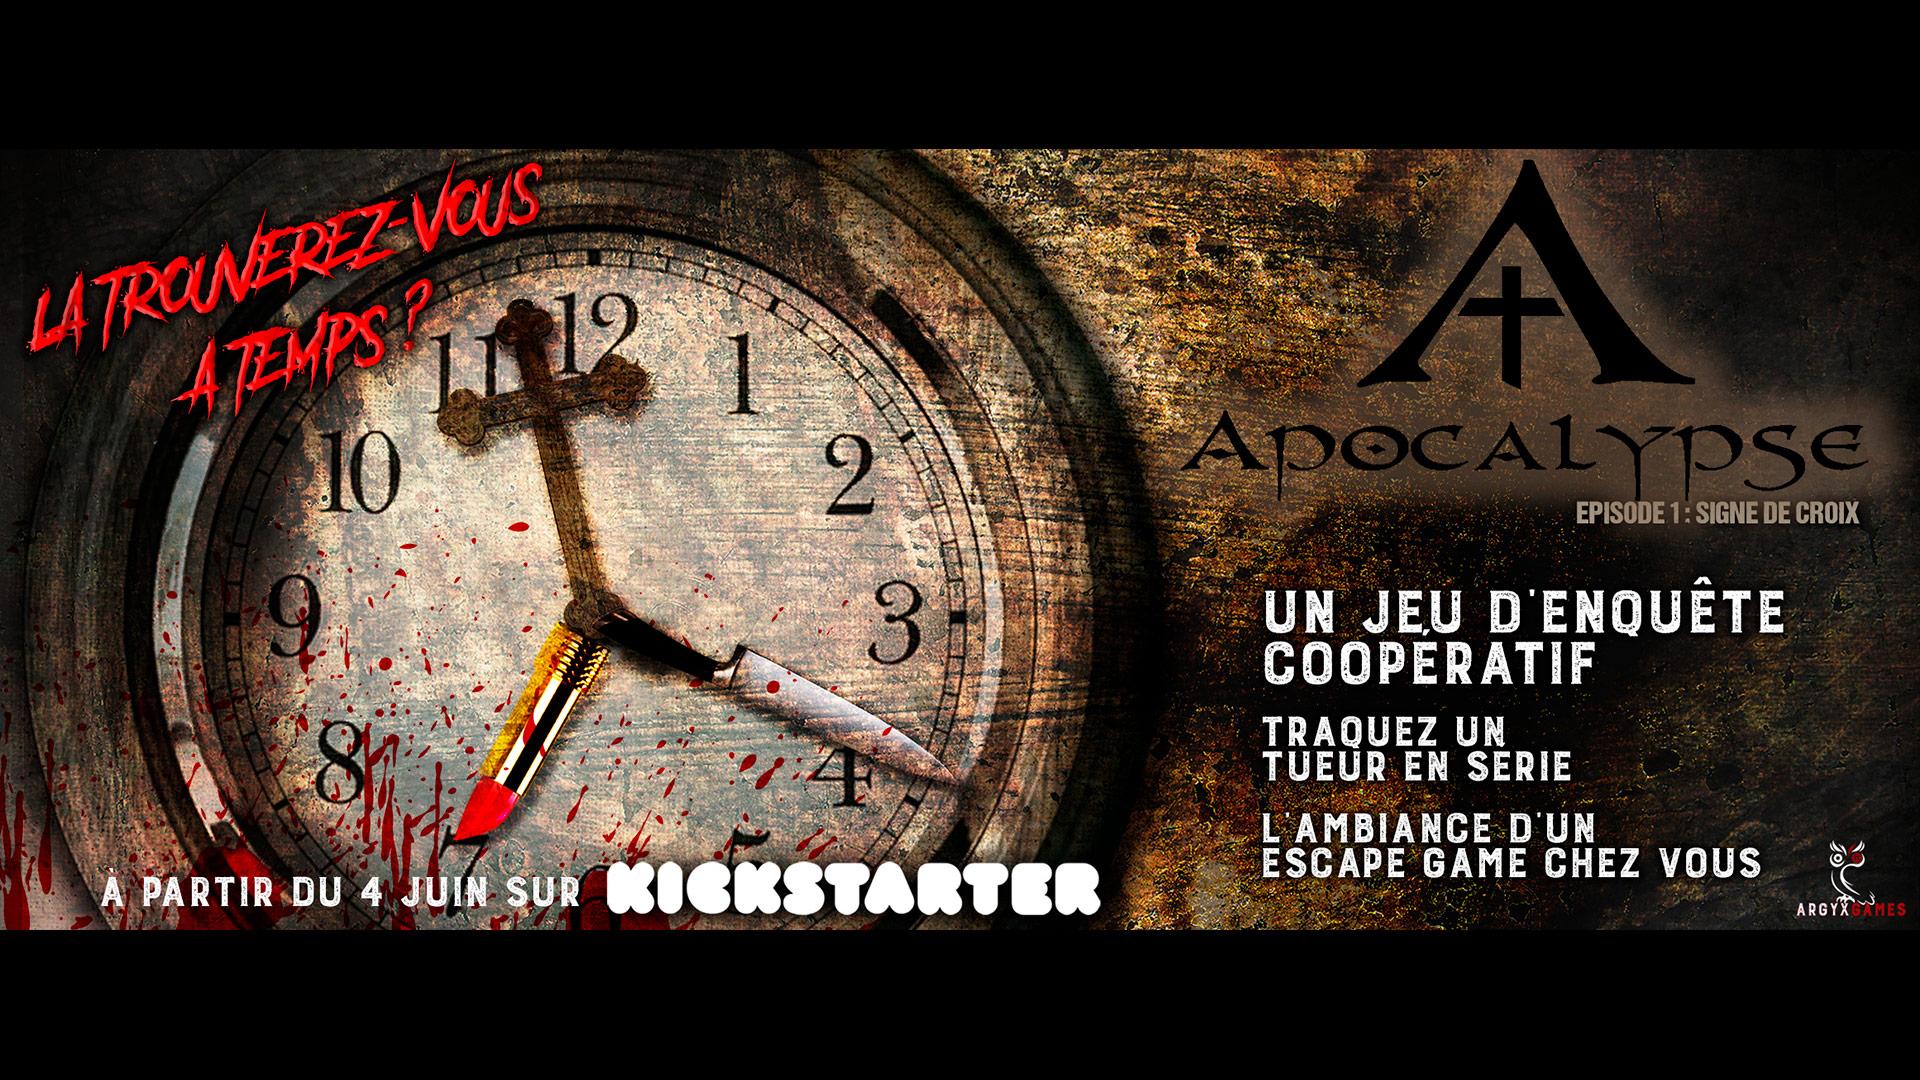 Apocalypse – Épisode 1 : Signe de croix arrive sur Kickstarter